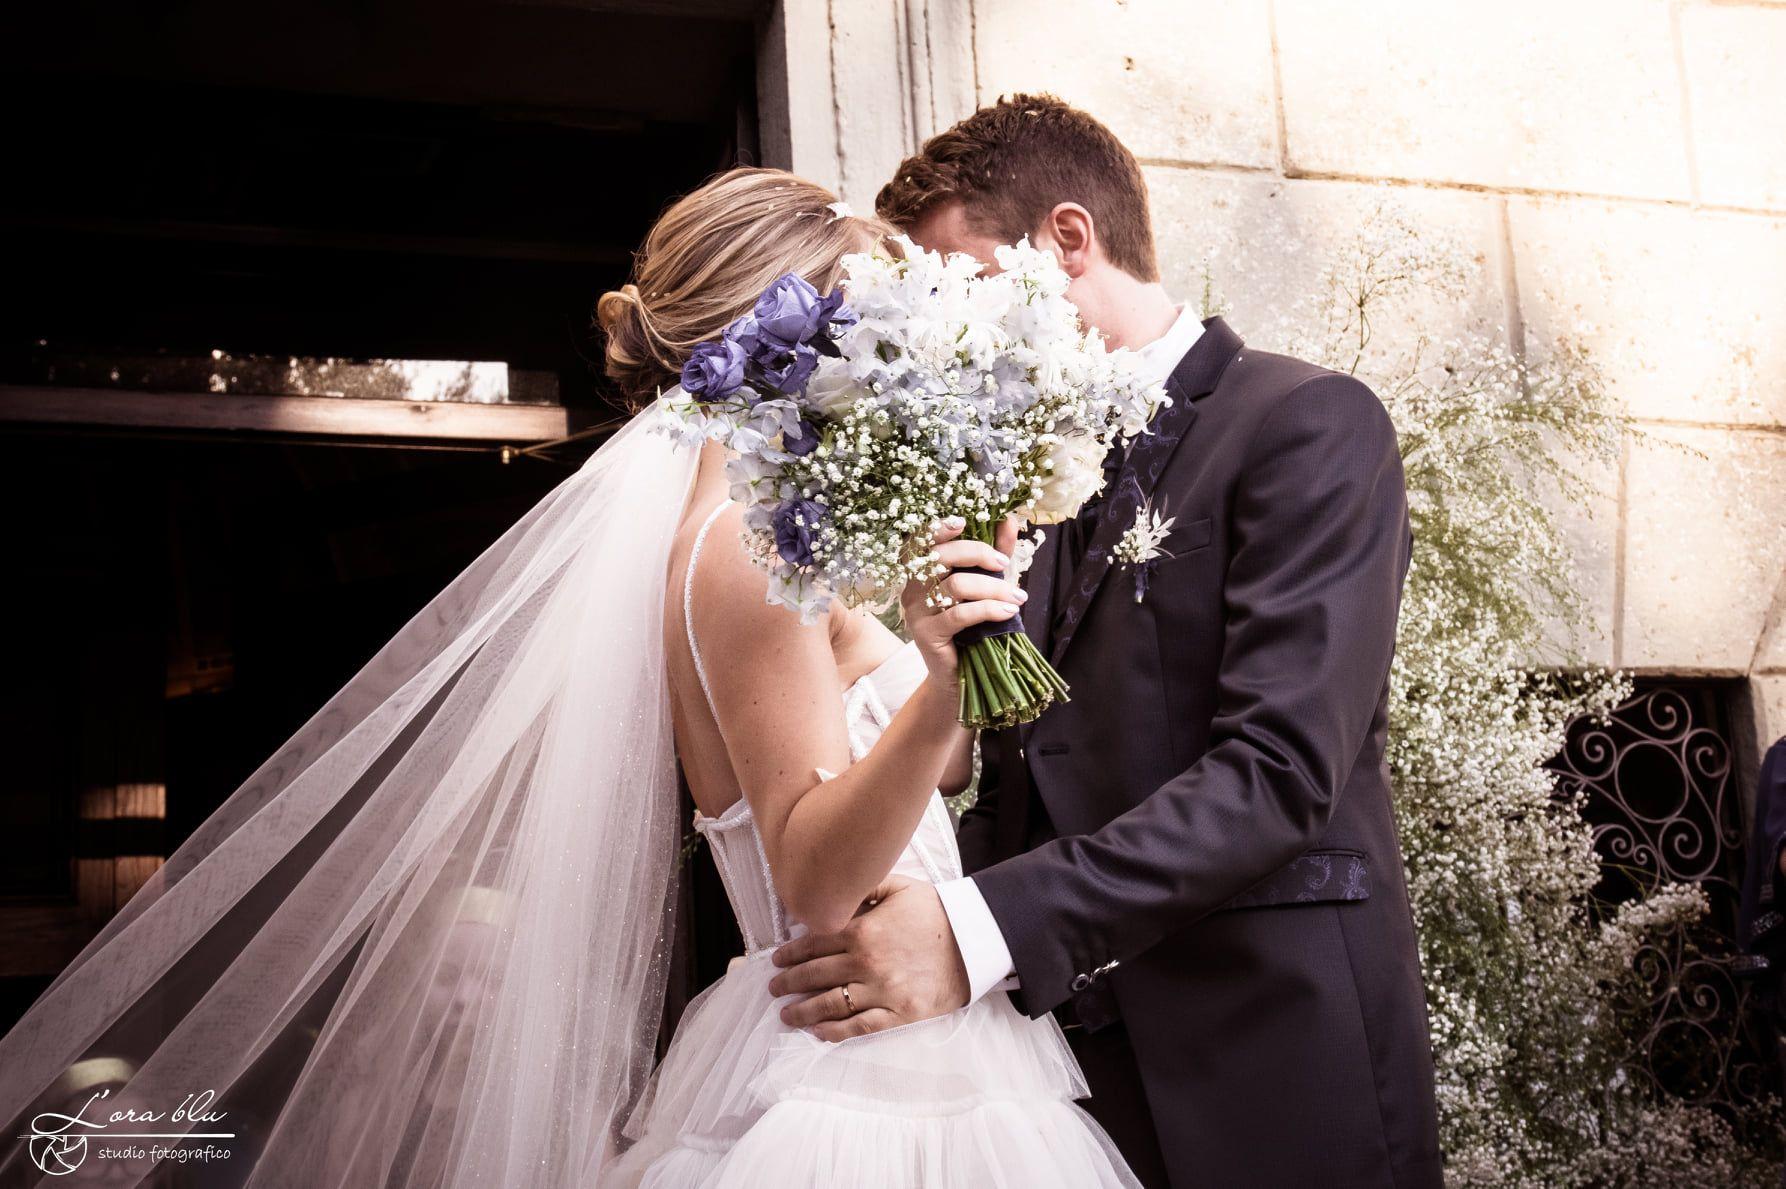 Fotografo Matrimoni Roma Nel 2020 Matrimonio Laccio Abito Da Sposa Fotografo